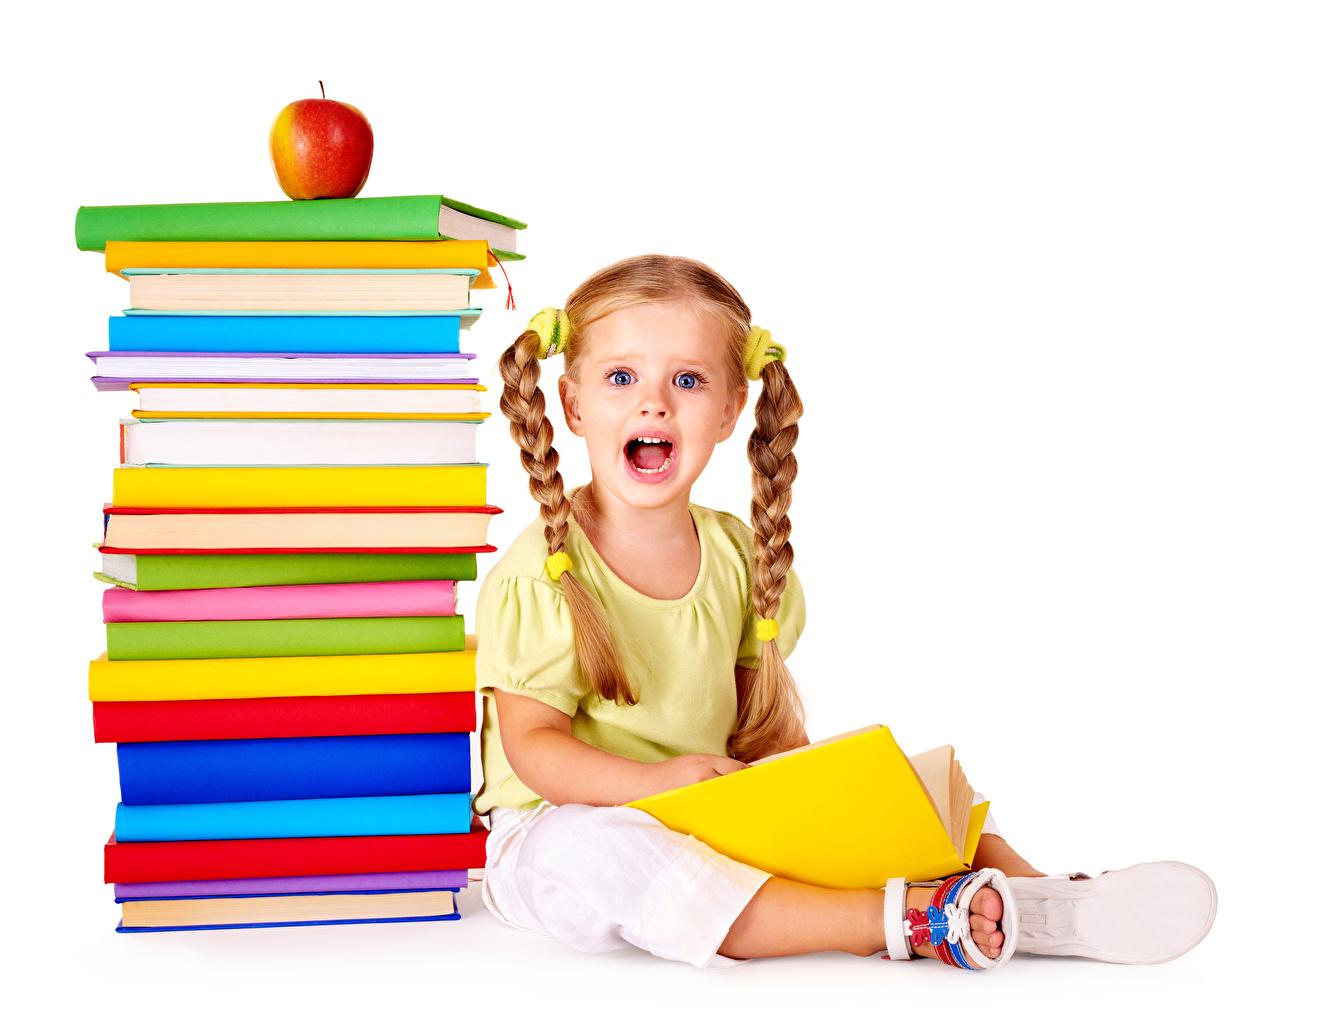 Картинки Девочки школьные Удивление Дети Яблоки Книга Белый фон Школа эмоции изумление Ребёнок